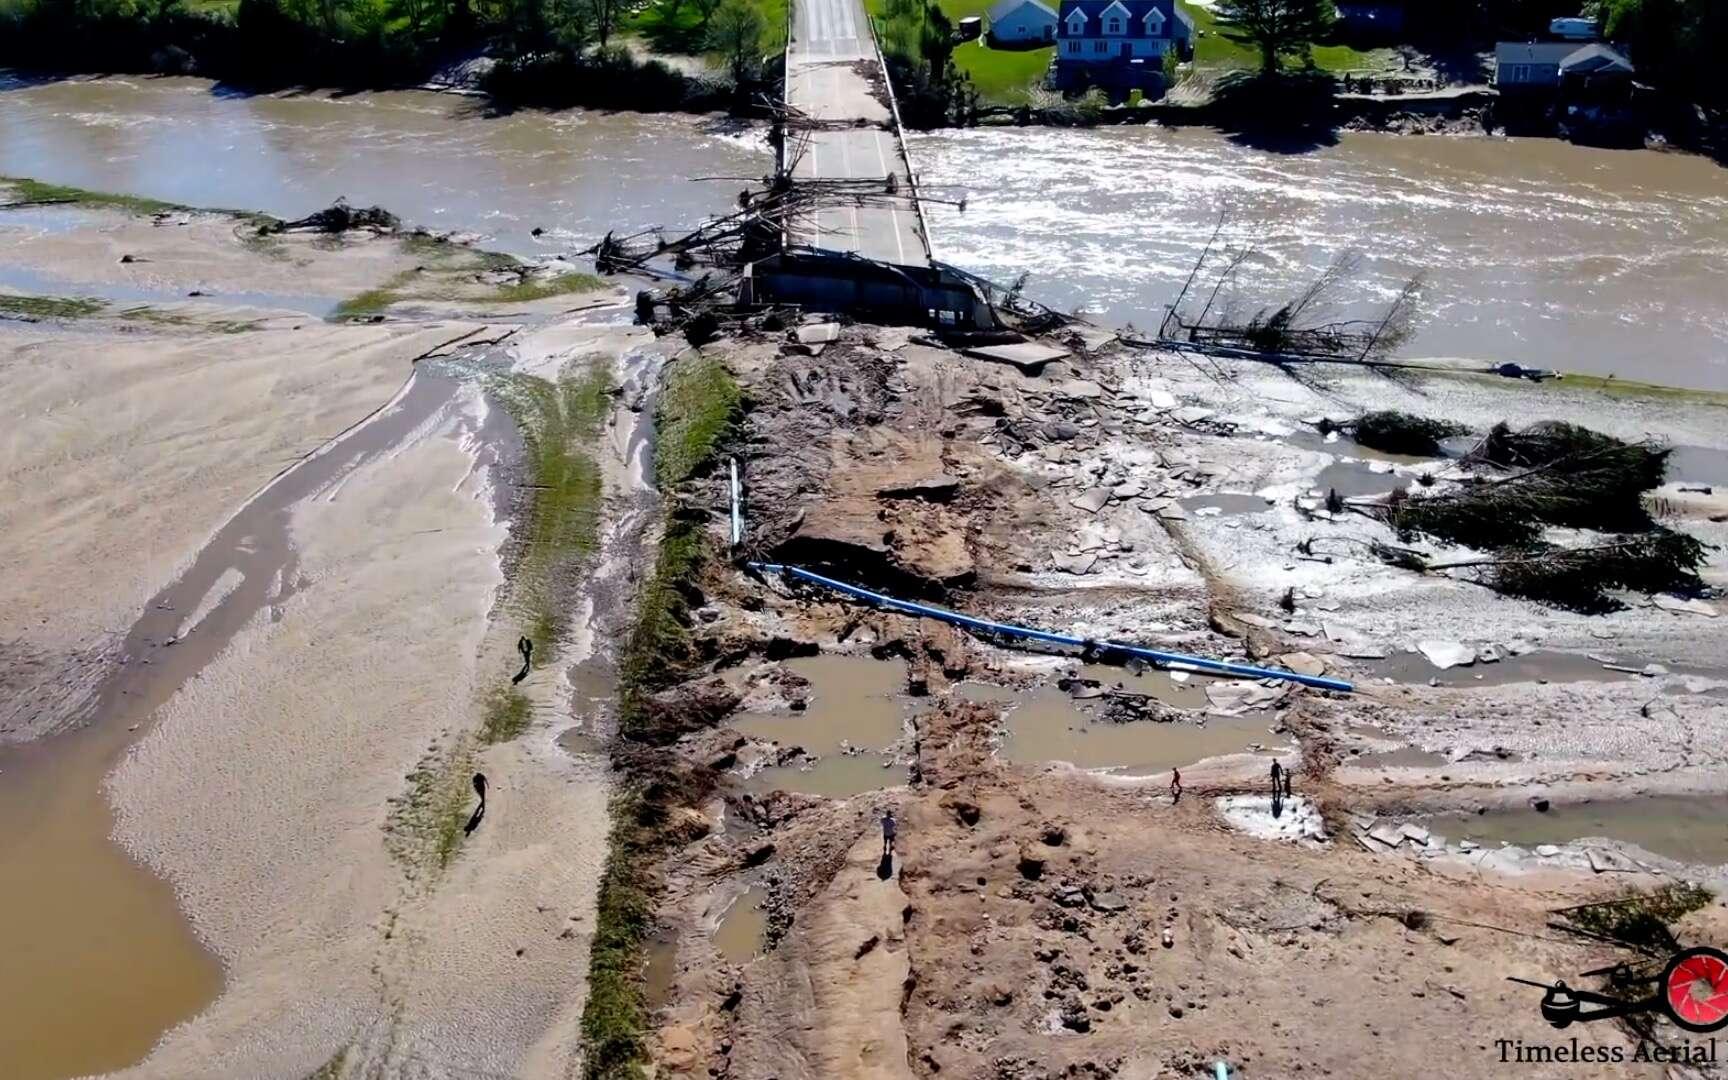 Survol au drone de la région de Midland suite aux ruptures de deux barrages © Timeless Aerial Photography LLC, YouTube